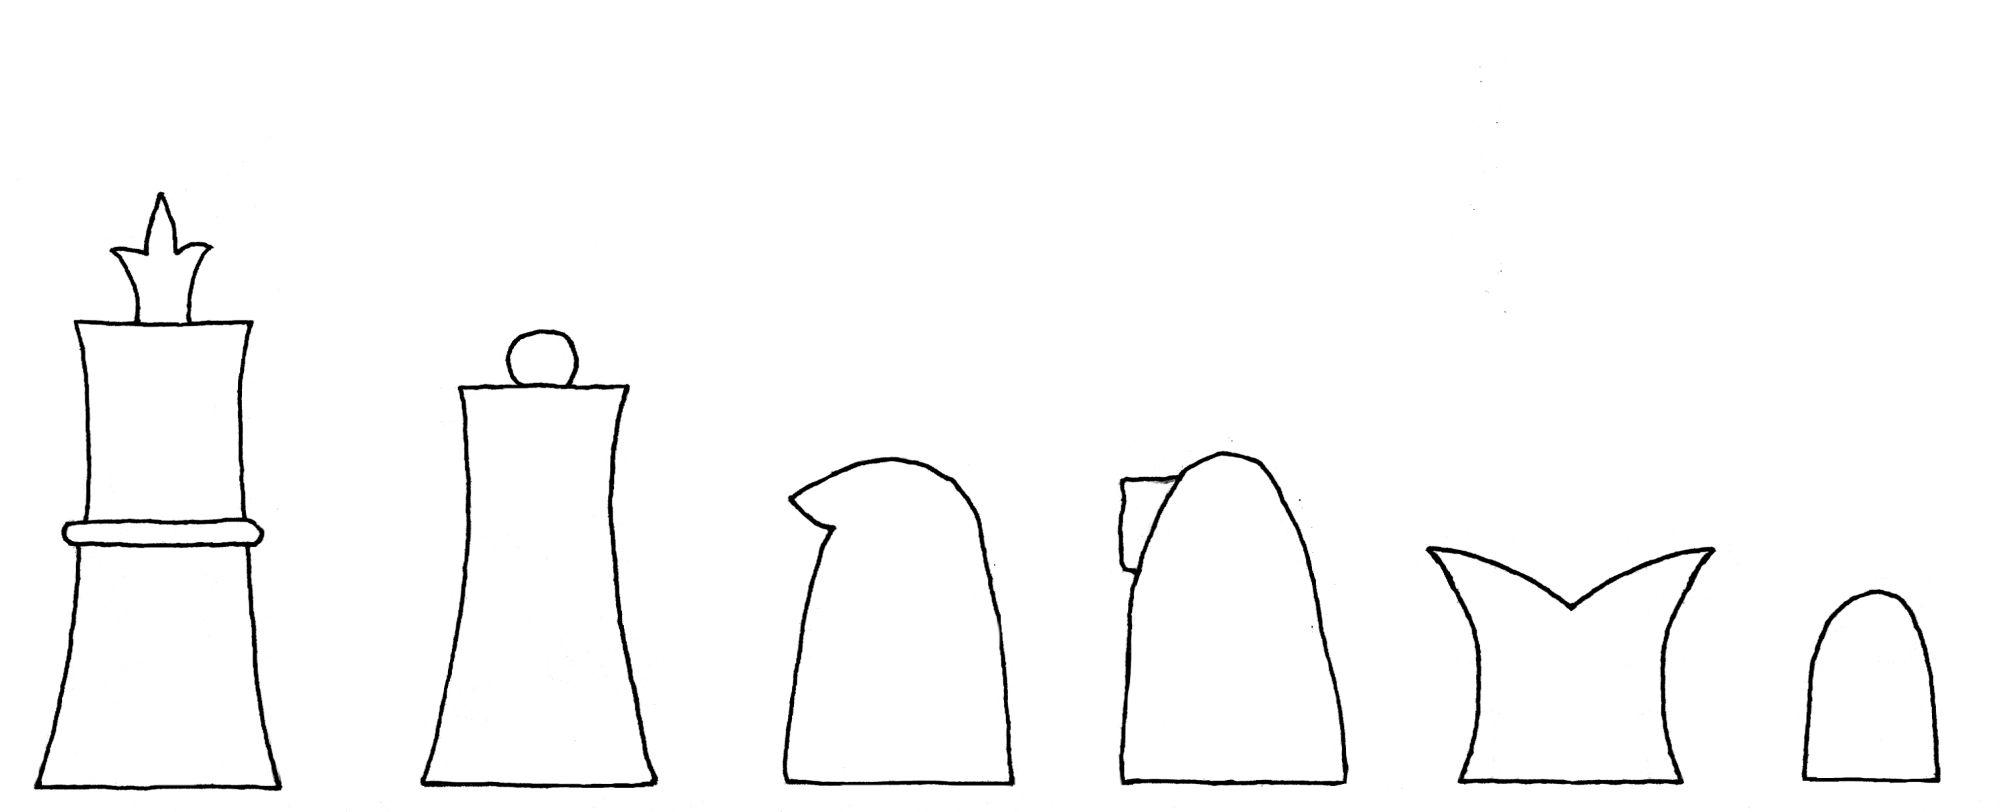 Bonus Socius chess set interpretive diagram